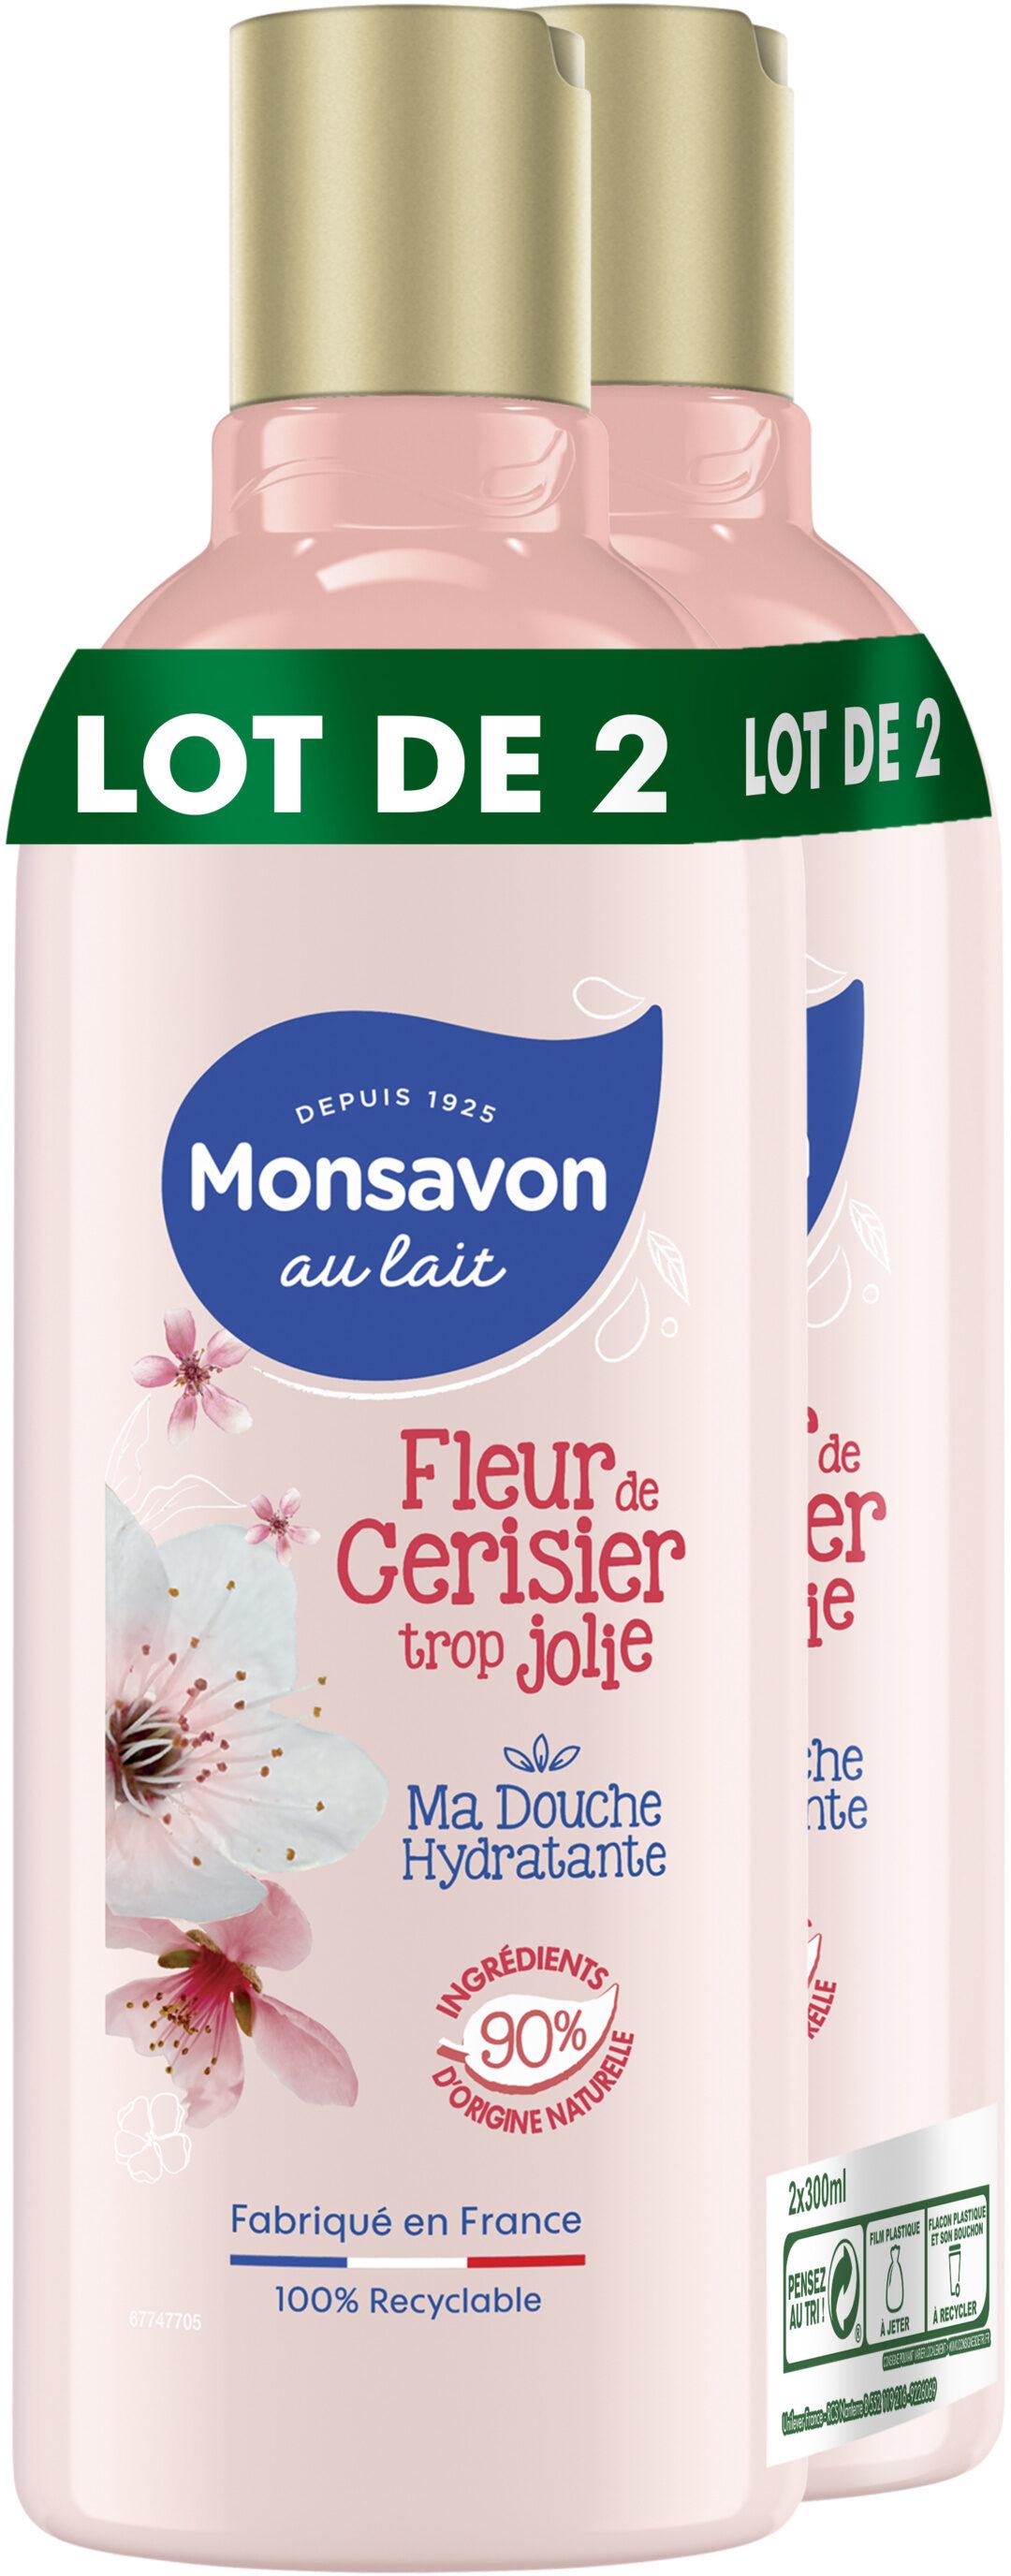 Monsavon Au Lait Gel Douche Passion Bien Fruitée 300ml Lot de 2 - Produit - fr